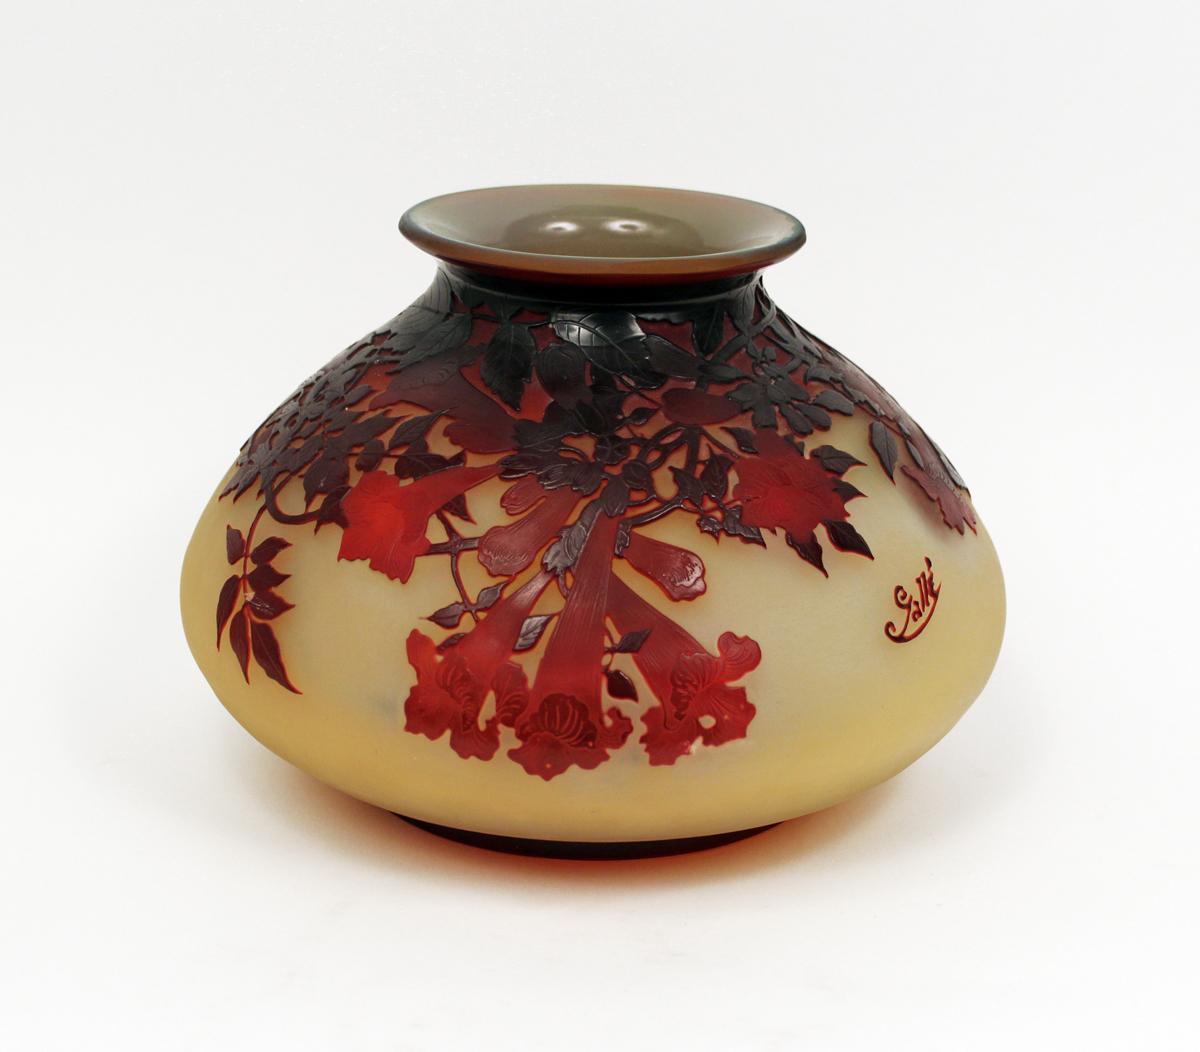 Art Nouveau Floral Vase By Emile Galle Modernism